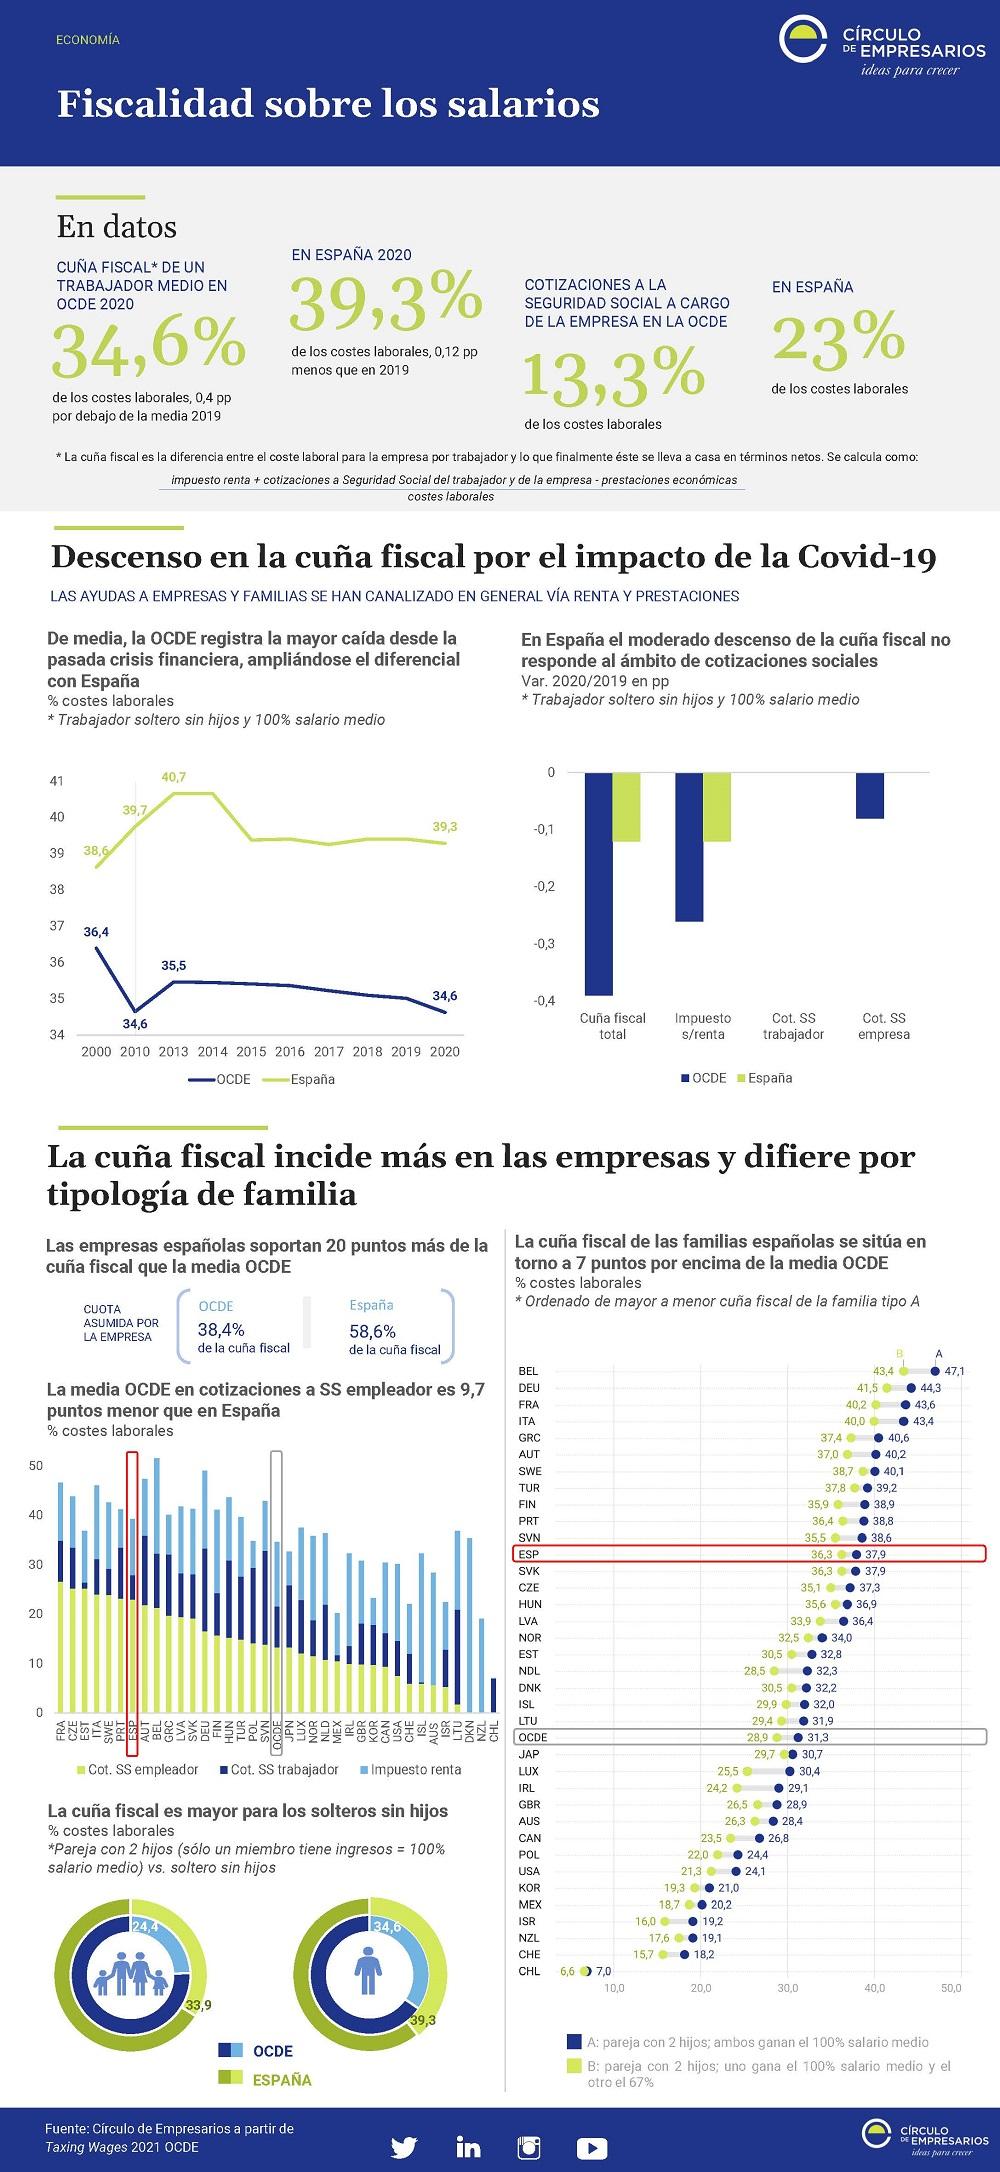 Fiscalidad-sobre-los-salarios-Mayo-2021-Circulo-de-Empresarios